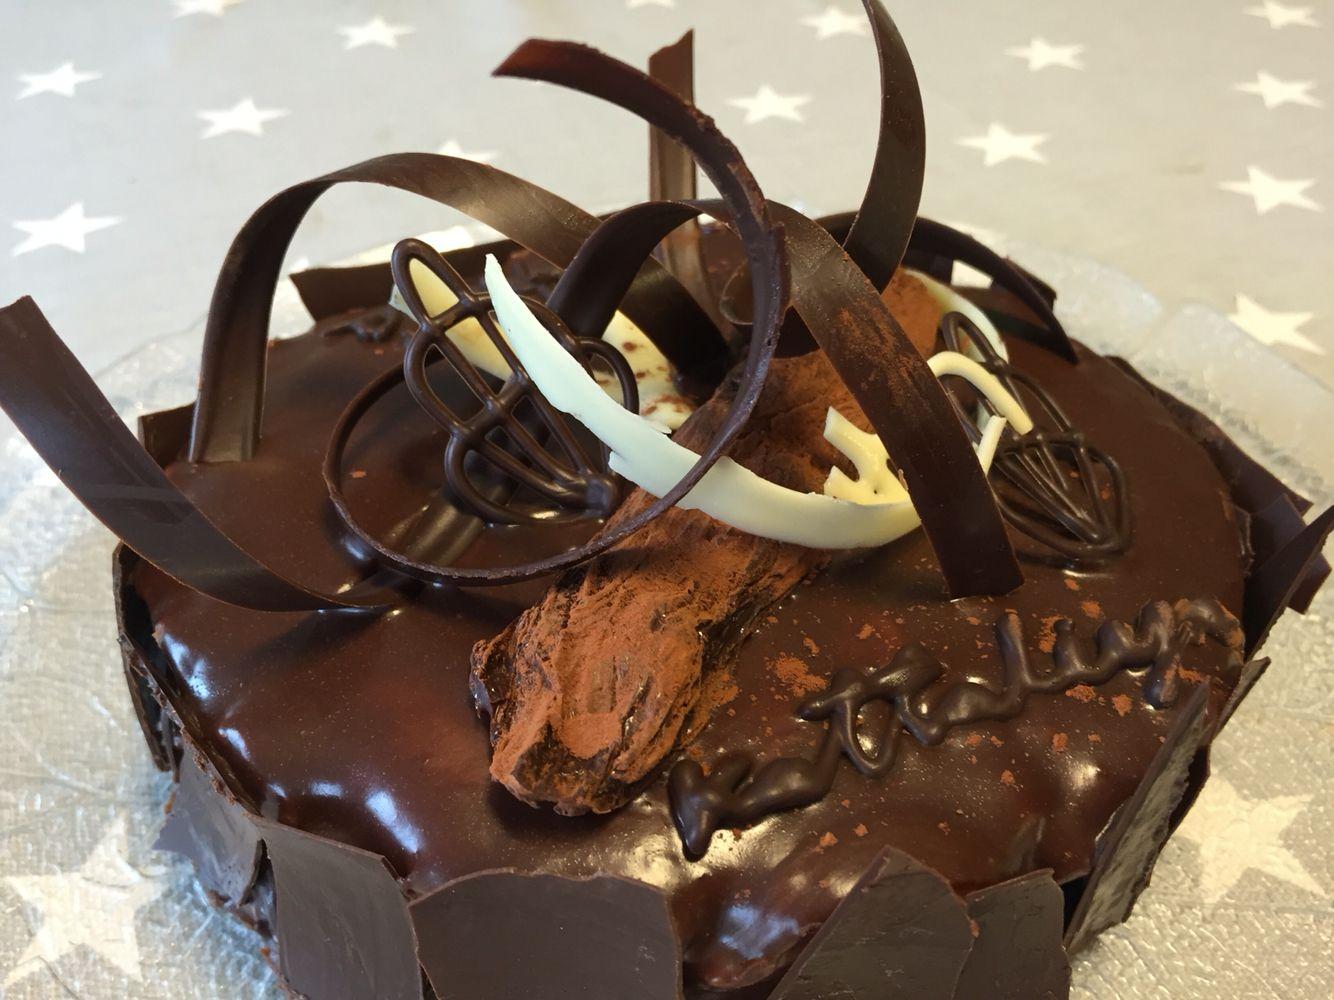 Chocolatecake By KTLY Den første sjokoladekaken min, denne bakte jeg på skolen. Var ikke så pent men fornøyd :)